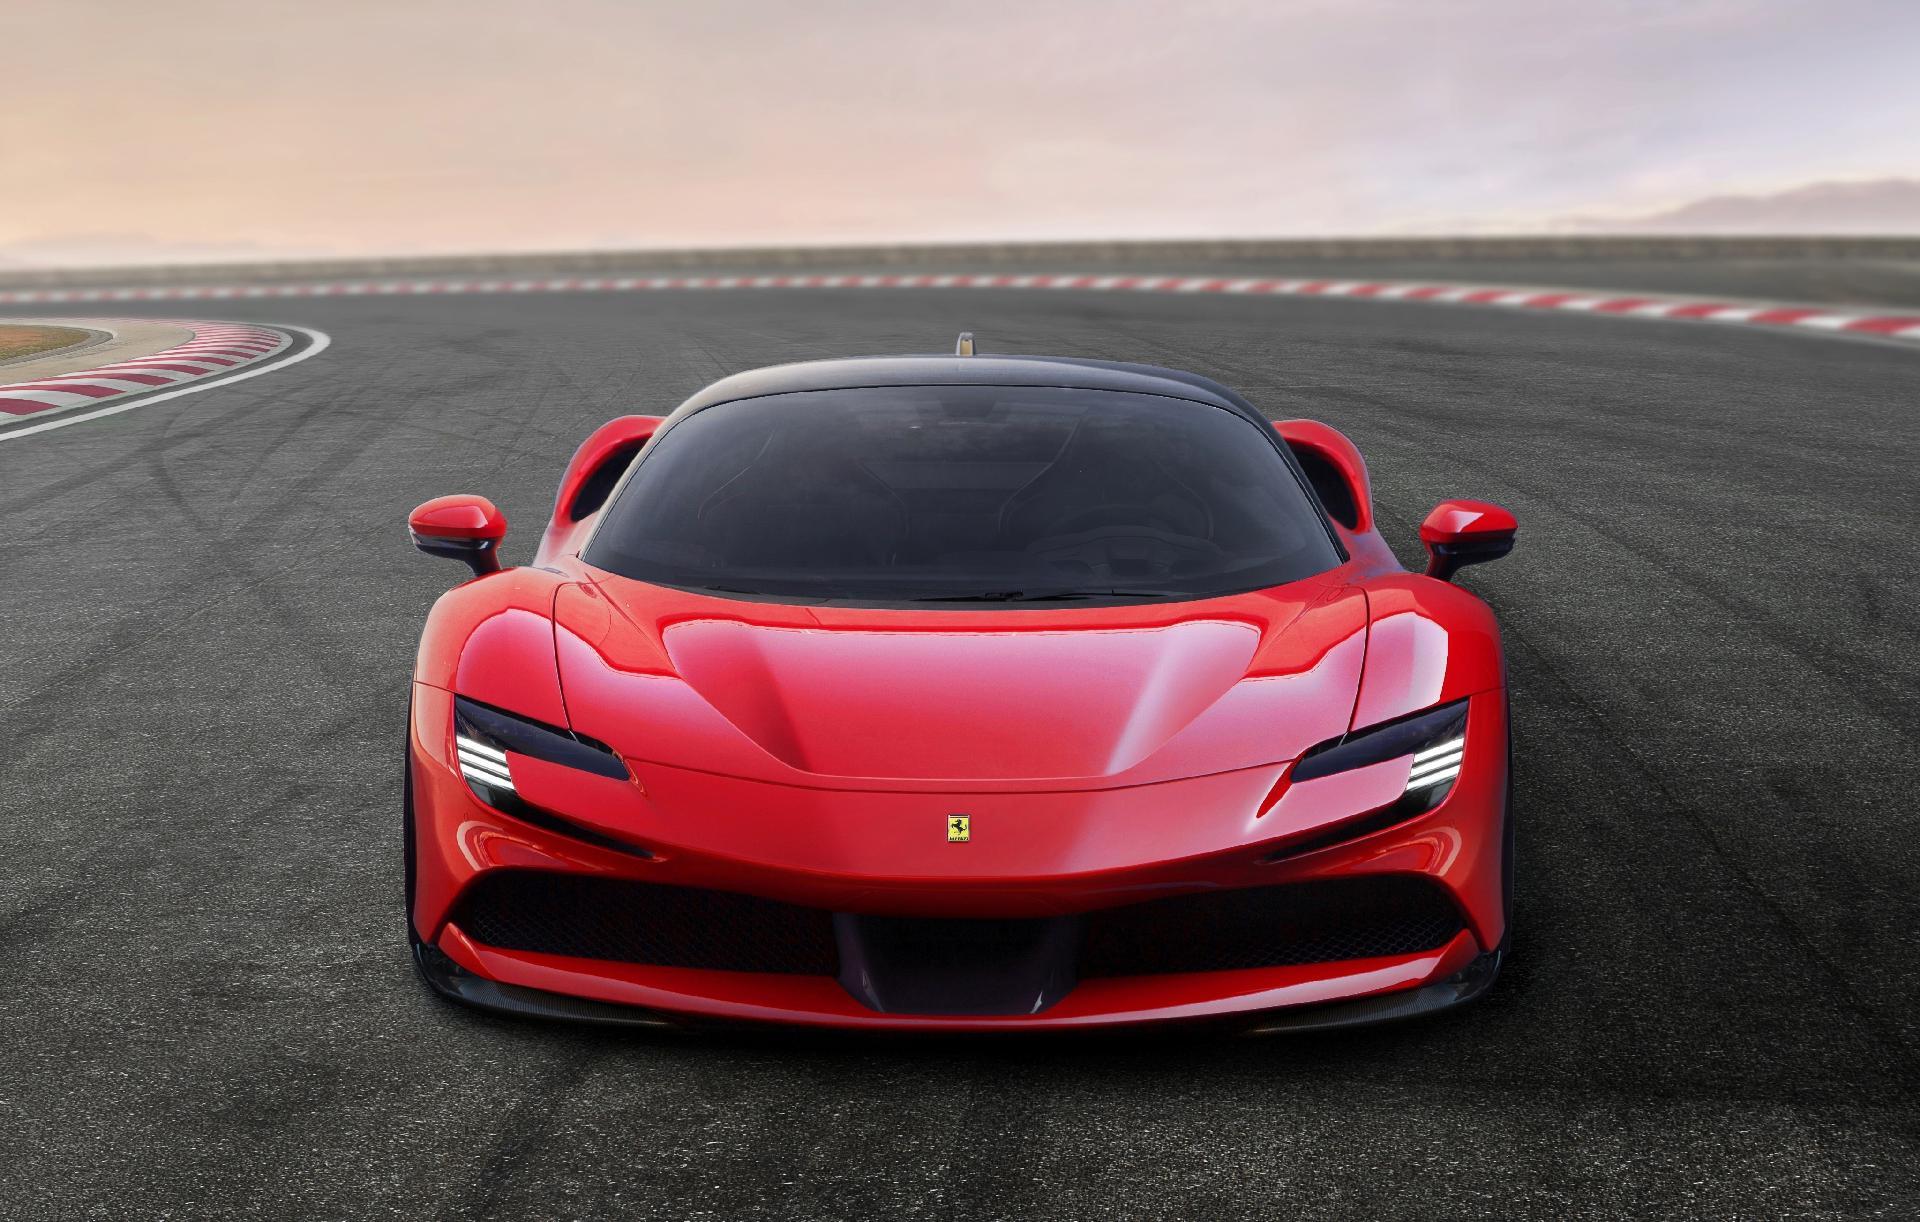 7497a9ec78 Ferrari SF90 Stradale é híbrido de 1.000 cavalos que chega a 340 km/h -  29/05/2019 - UOL Carros